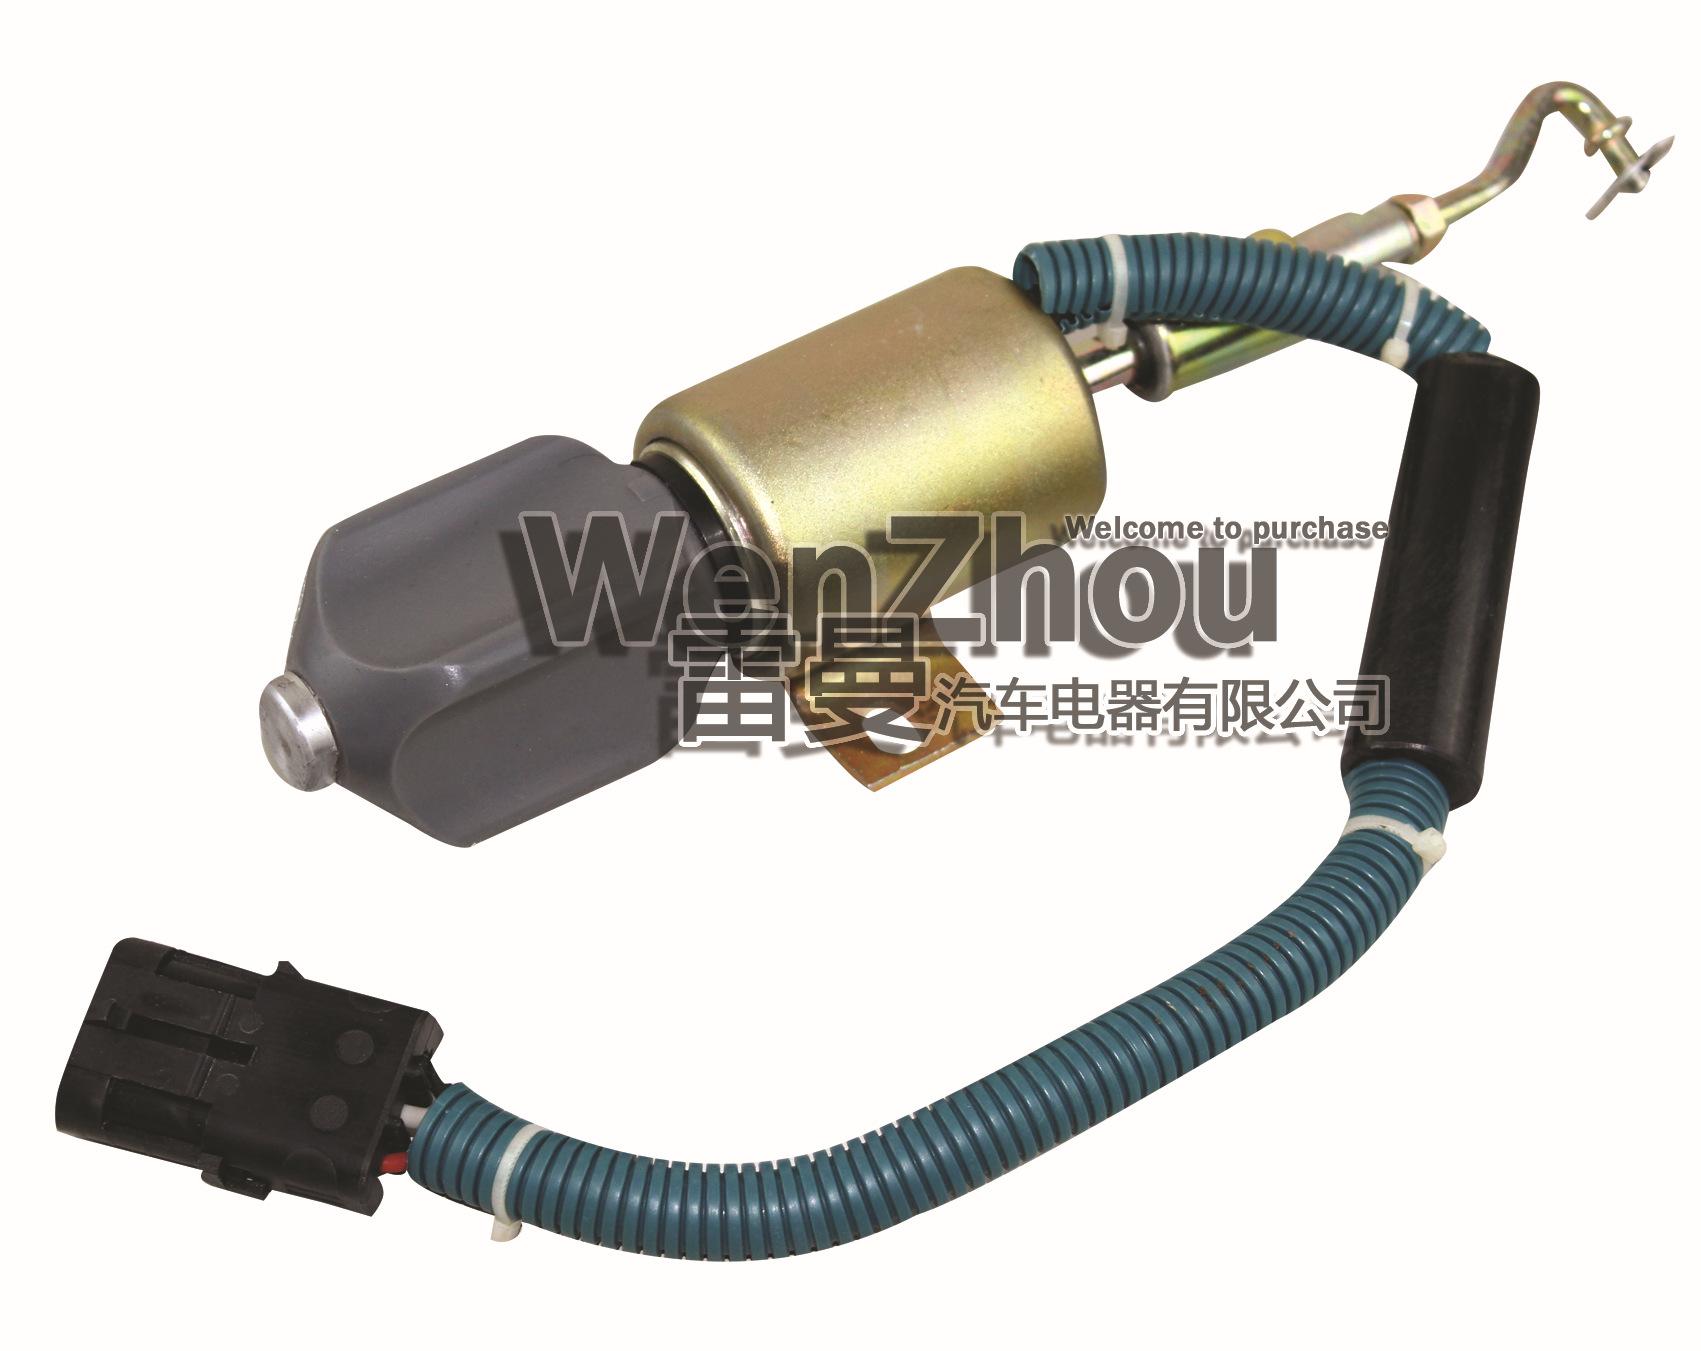 D59-105-06 DC24V 上柴6114 熄火电磁阀